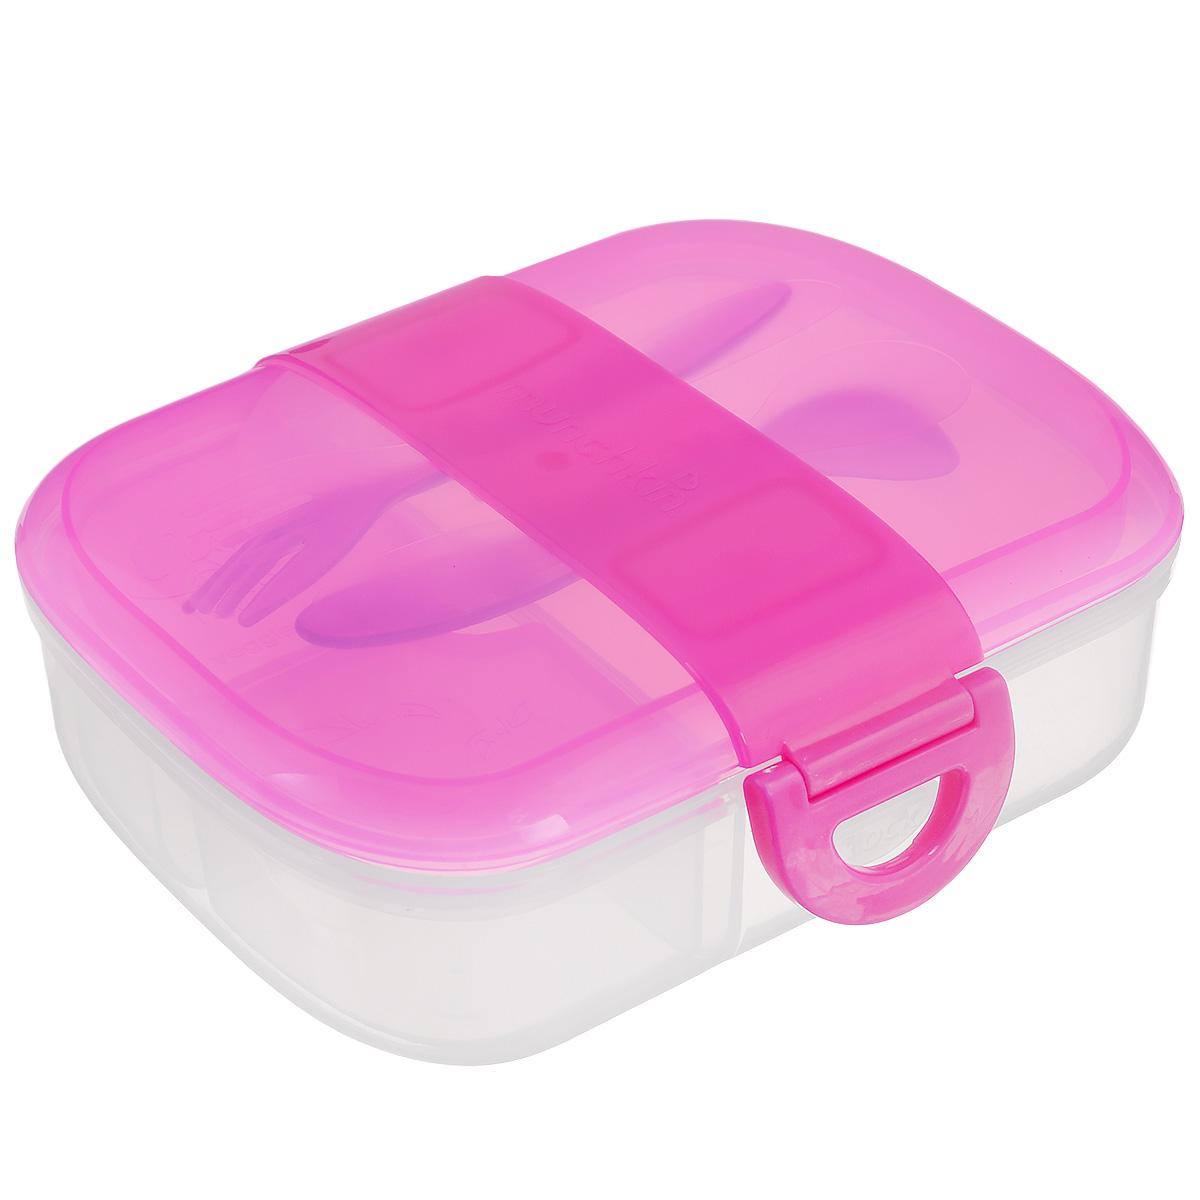 Контейнер для еды Munchkin, с приборами, цвет: розовый11402_розовыйКонтейнер для еды Munchkin выполнен из пластика и не содержит бисфенол А. Бокс для завтрака с отделениями не позволяет пище смешиваться. Контейнер идеально подходит для однодневных поездок, детского сада и дошкольных учреждений. Внутри бокс разделен на секции таким образом, чтобы для всего нашлось удобное место, а на дне контейнера можно написать имя ребенка. Крышка с блокировкой помогает предотвратить разливы и рассыпание продуктов. В комплекте имеются приборы: ложка и вилка. Приборы удобно крепятся на крышку контейнера. Начиная с 3-х лет ребенок может пользоваться боксом самостоятельно. Можно мыть на верхней полке посудомоечной машины. Длина приборов: 14 см. Размер съемных отделений: 6,5 см х 6,5 см х 4,5 см. Размер основного отделения: 11,5 см х 13,5 см х 4,5 см.